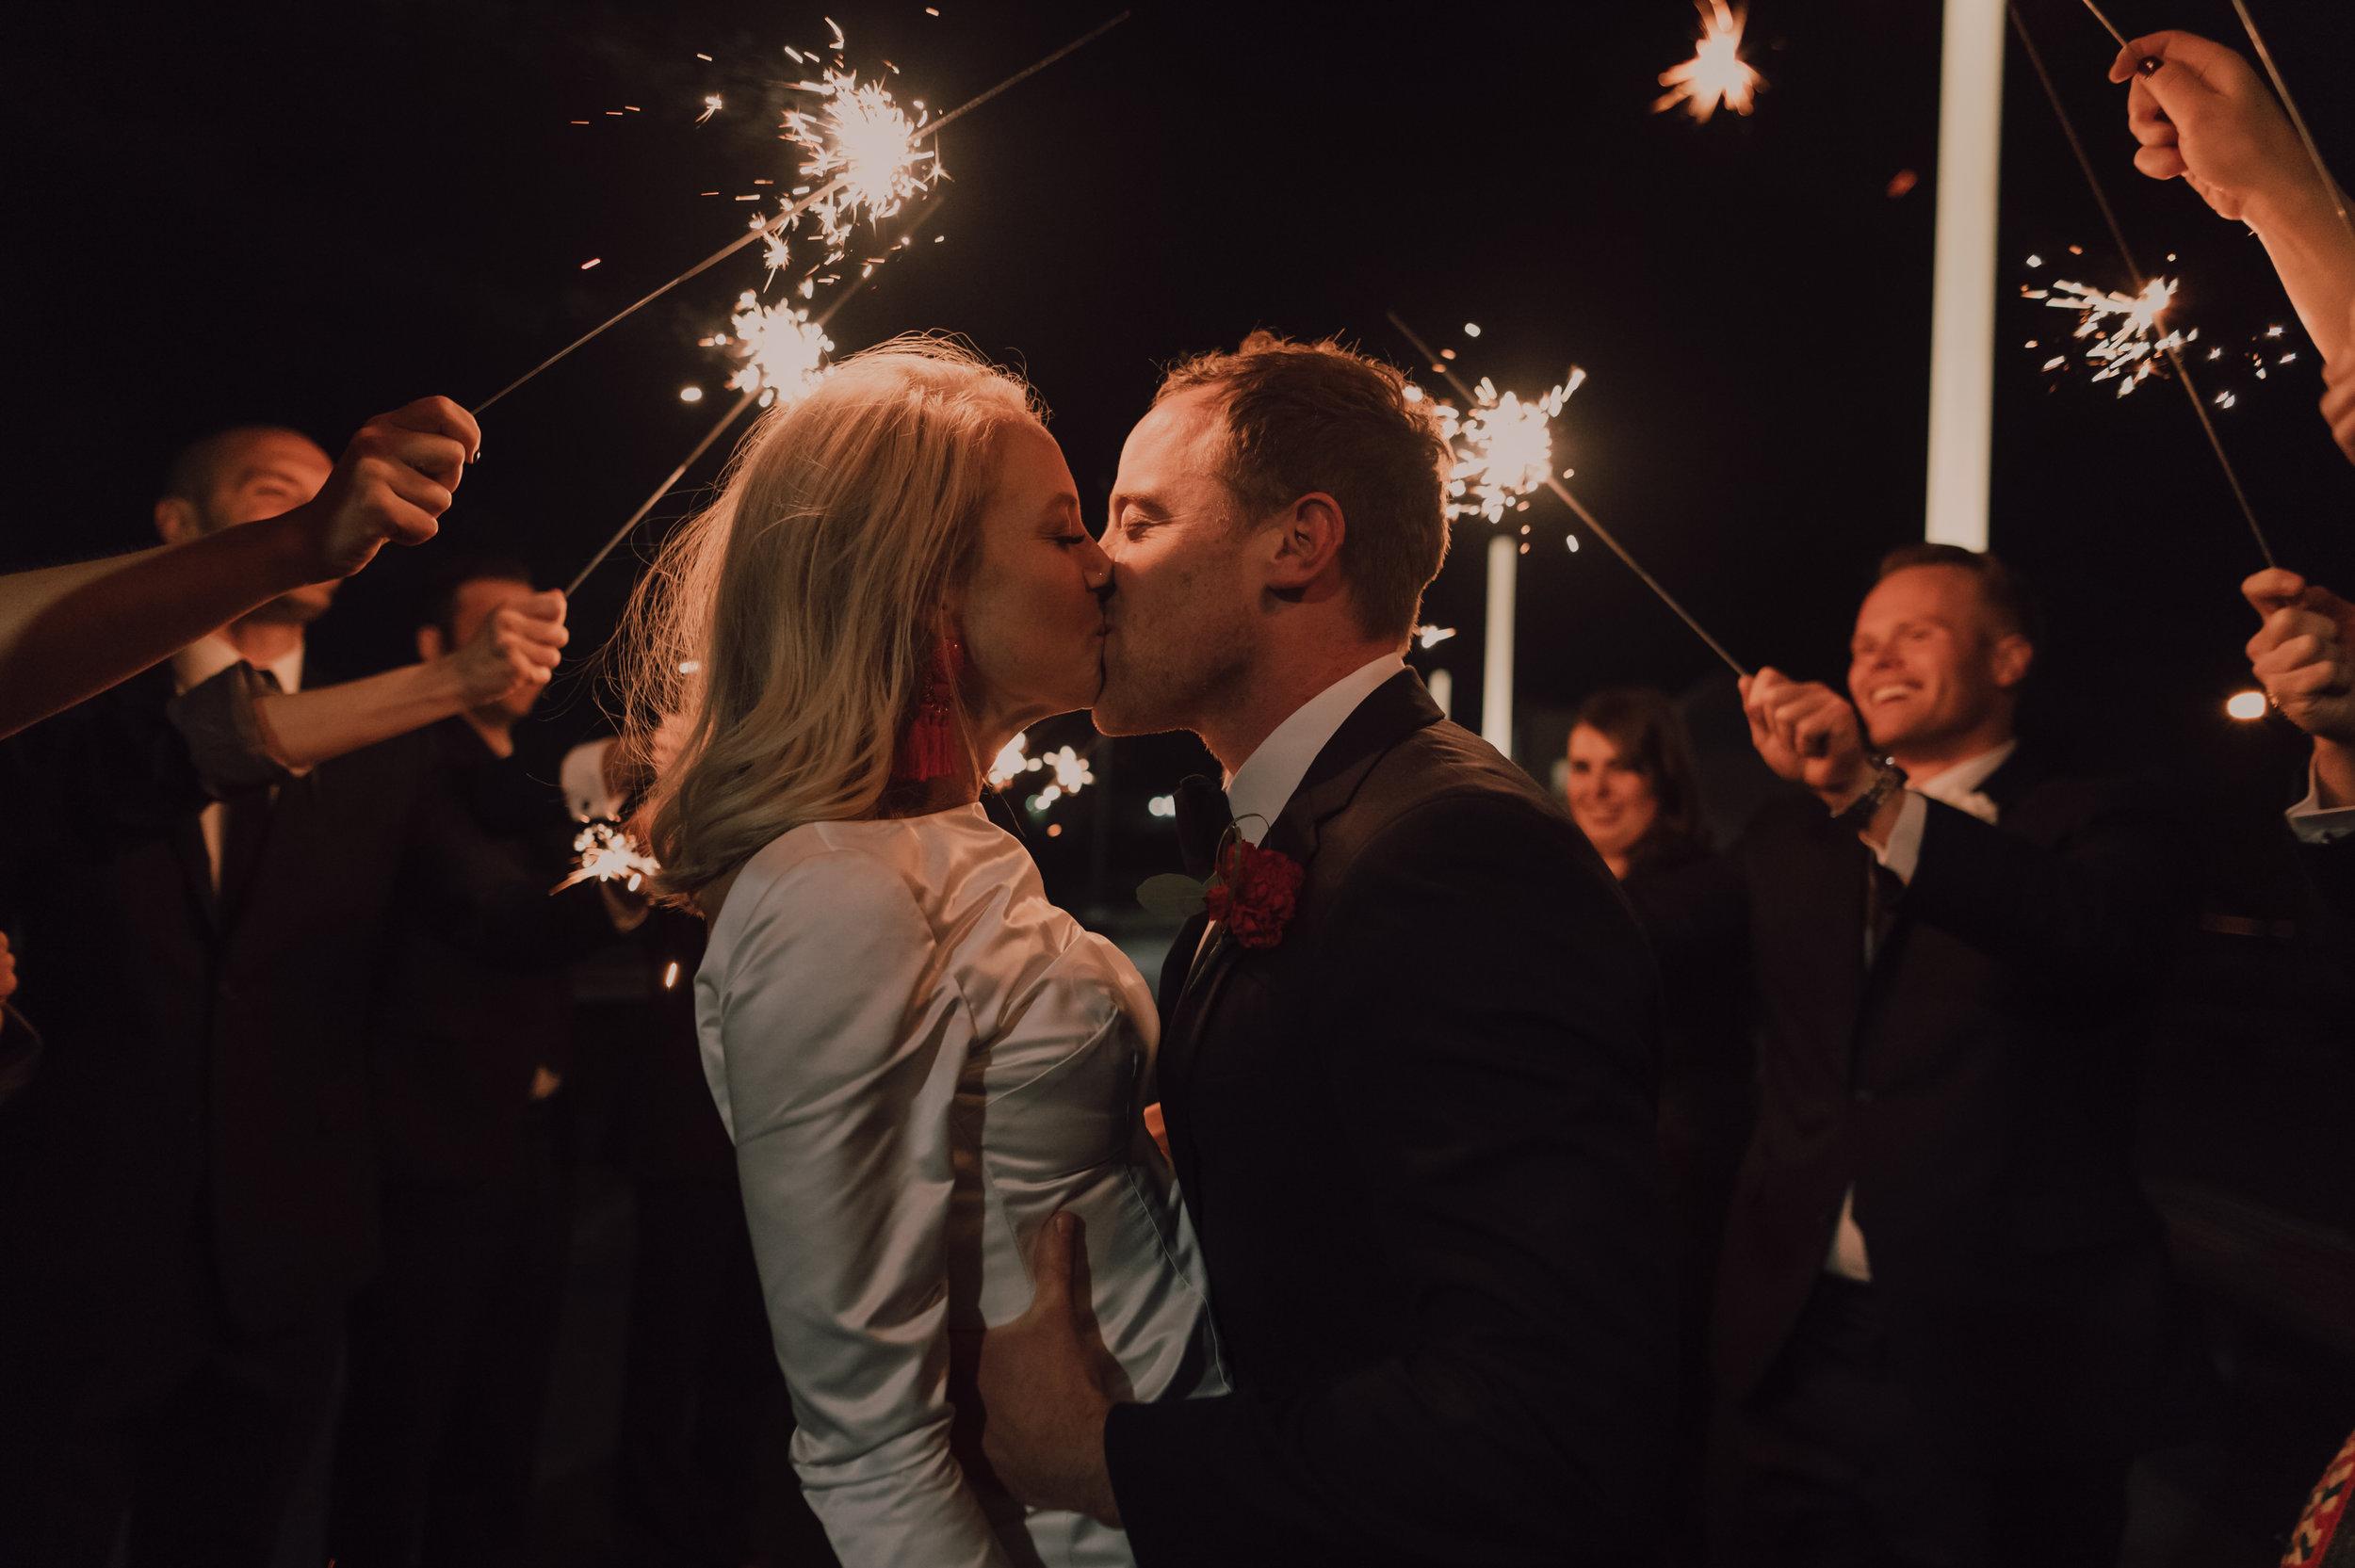 Vancouver New Years Eve Wedding - UBC Boathouse Wedding - Kitsilano Wedding Photos - Vancouver Wedding Photographer - Vancouver Wedding Videographer - 913.JPG